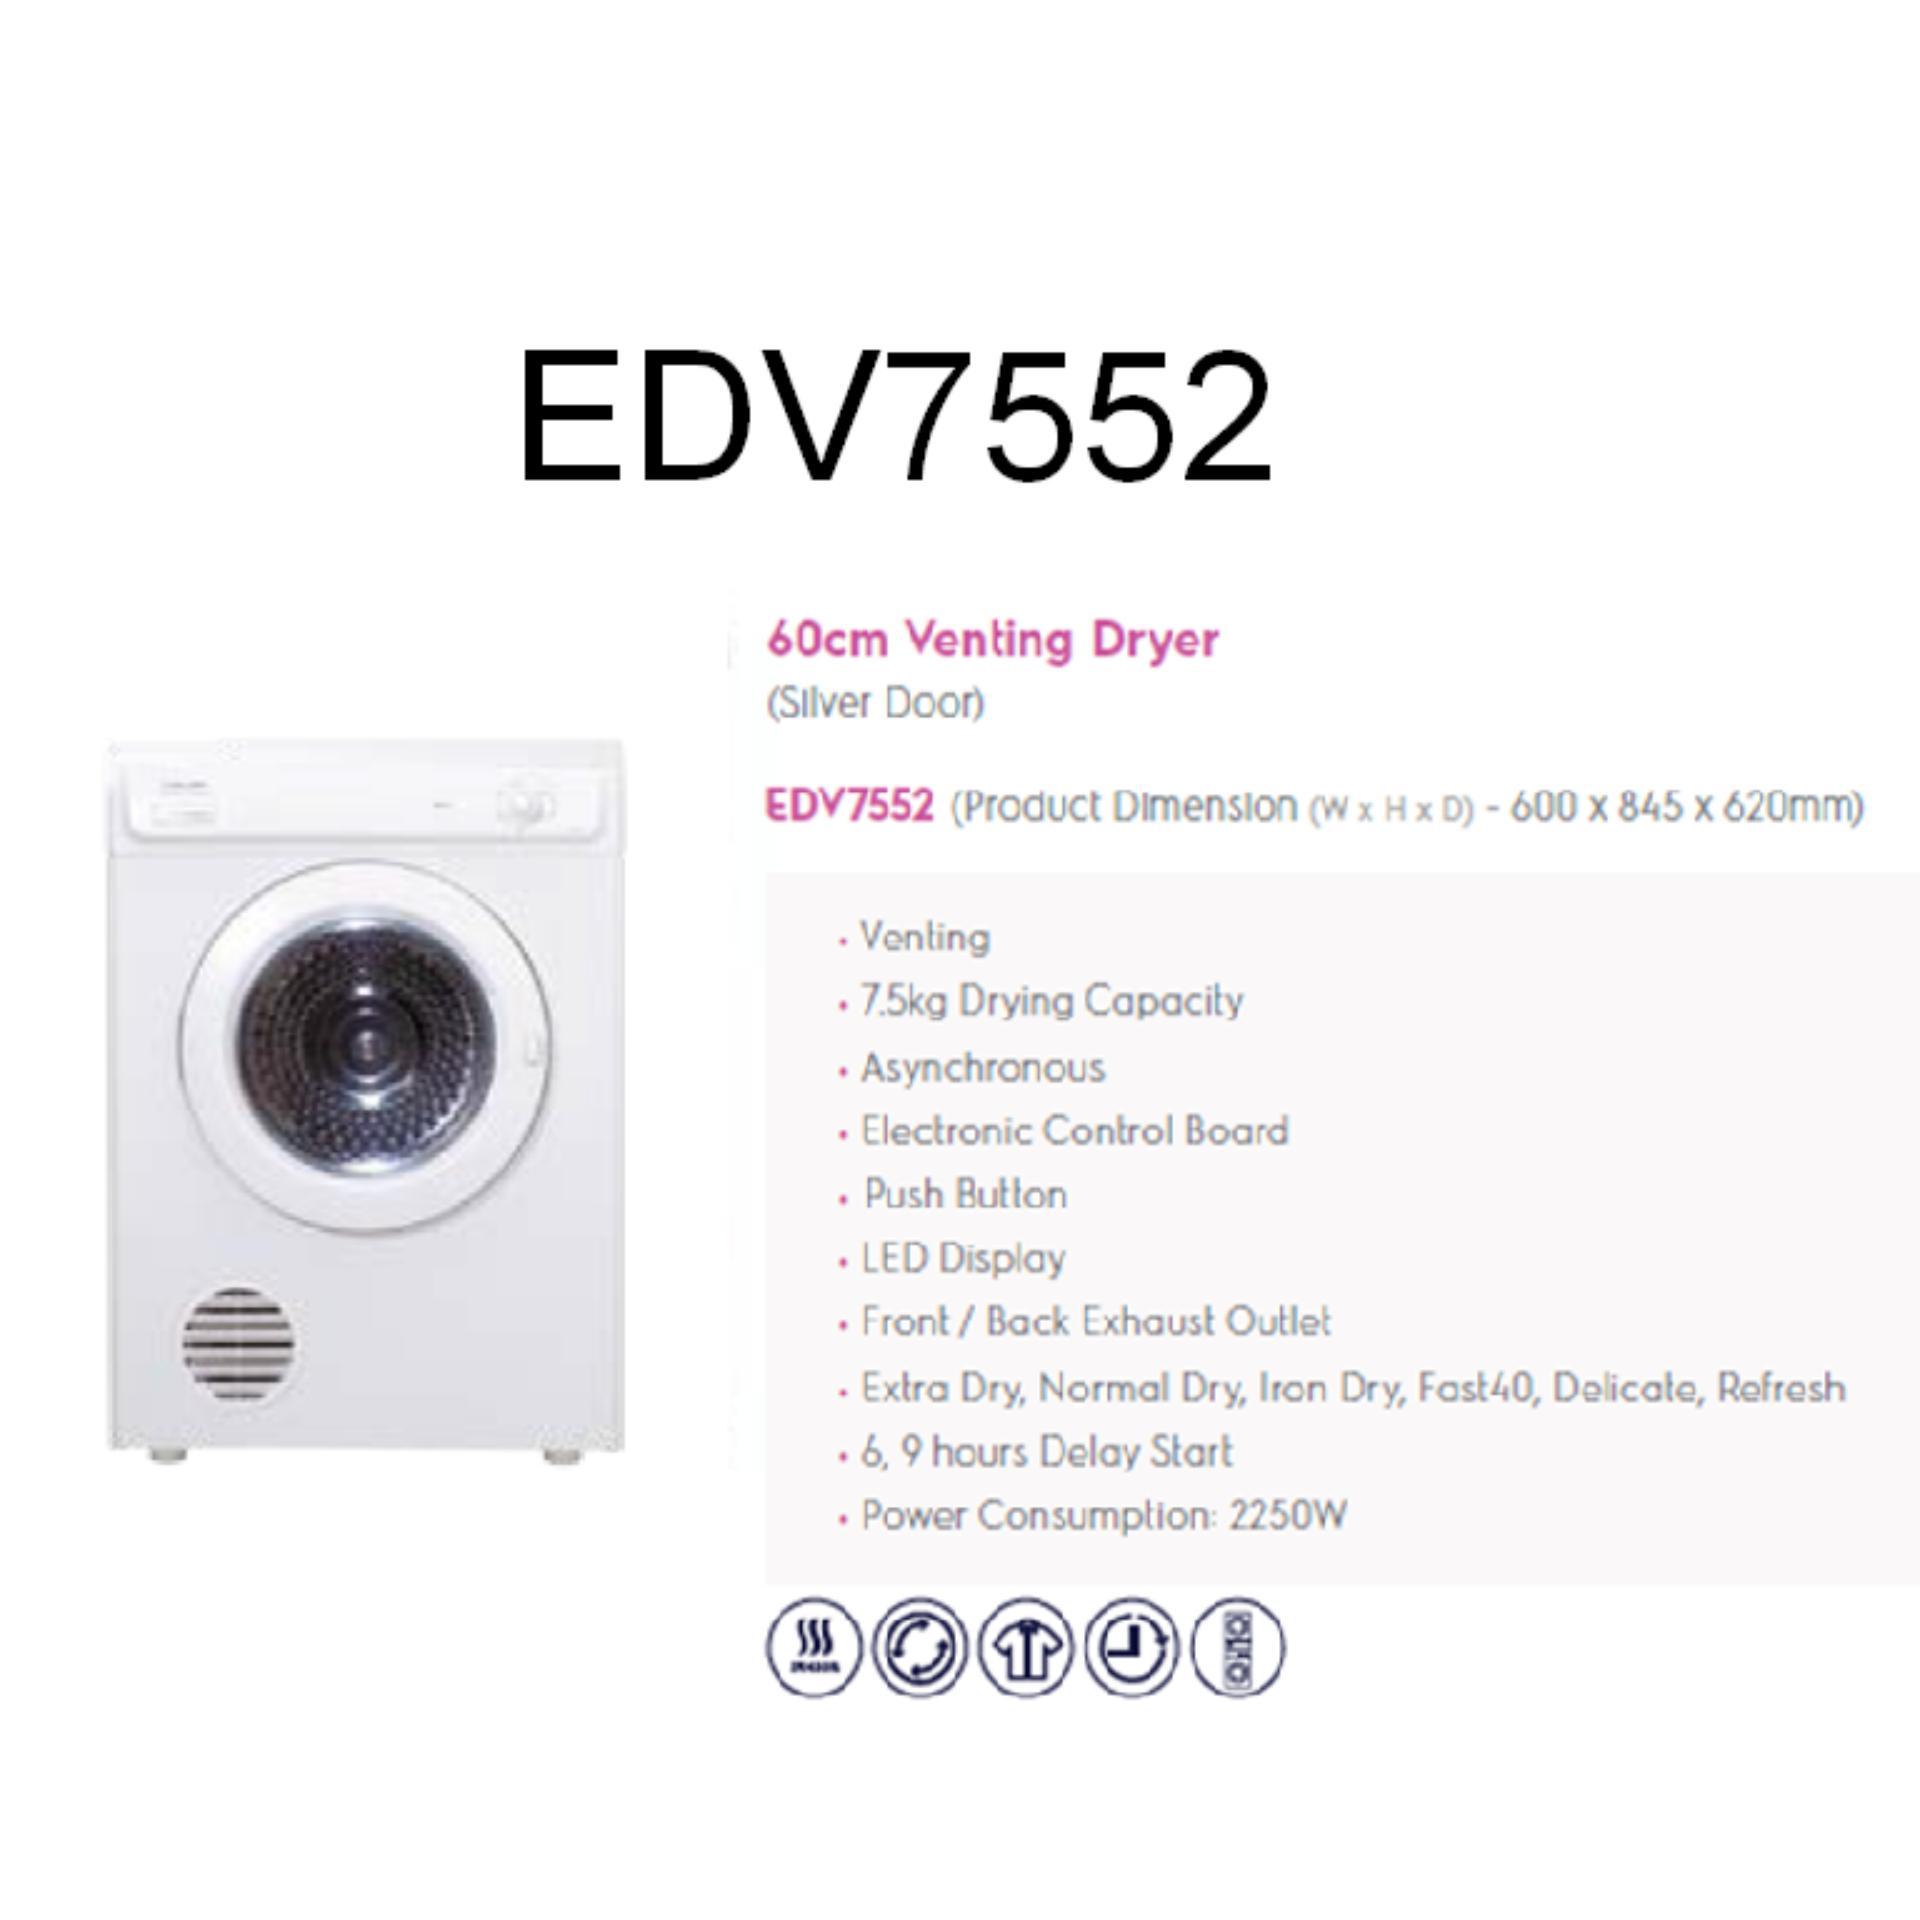 Electrolux Dryer EDV-7552 7.5Kg (Pengering) - Khusus JABODETABEK .